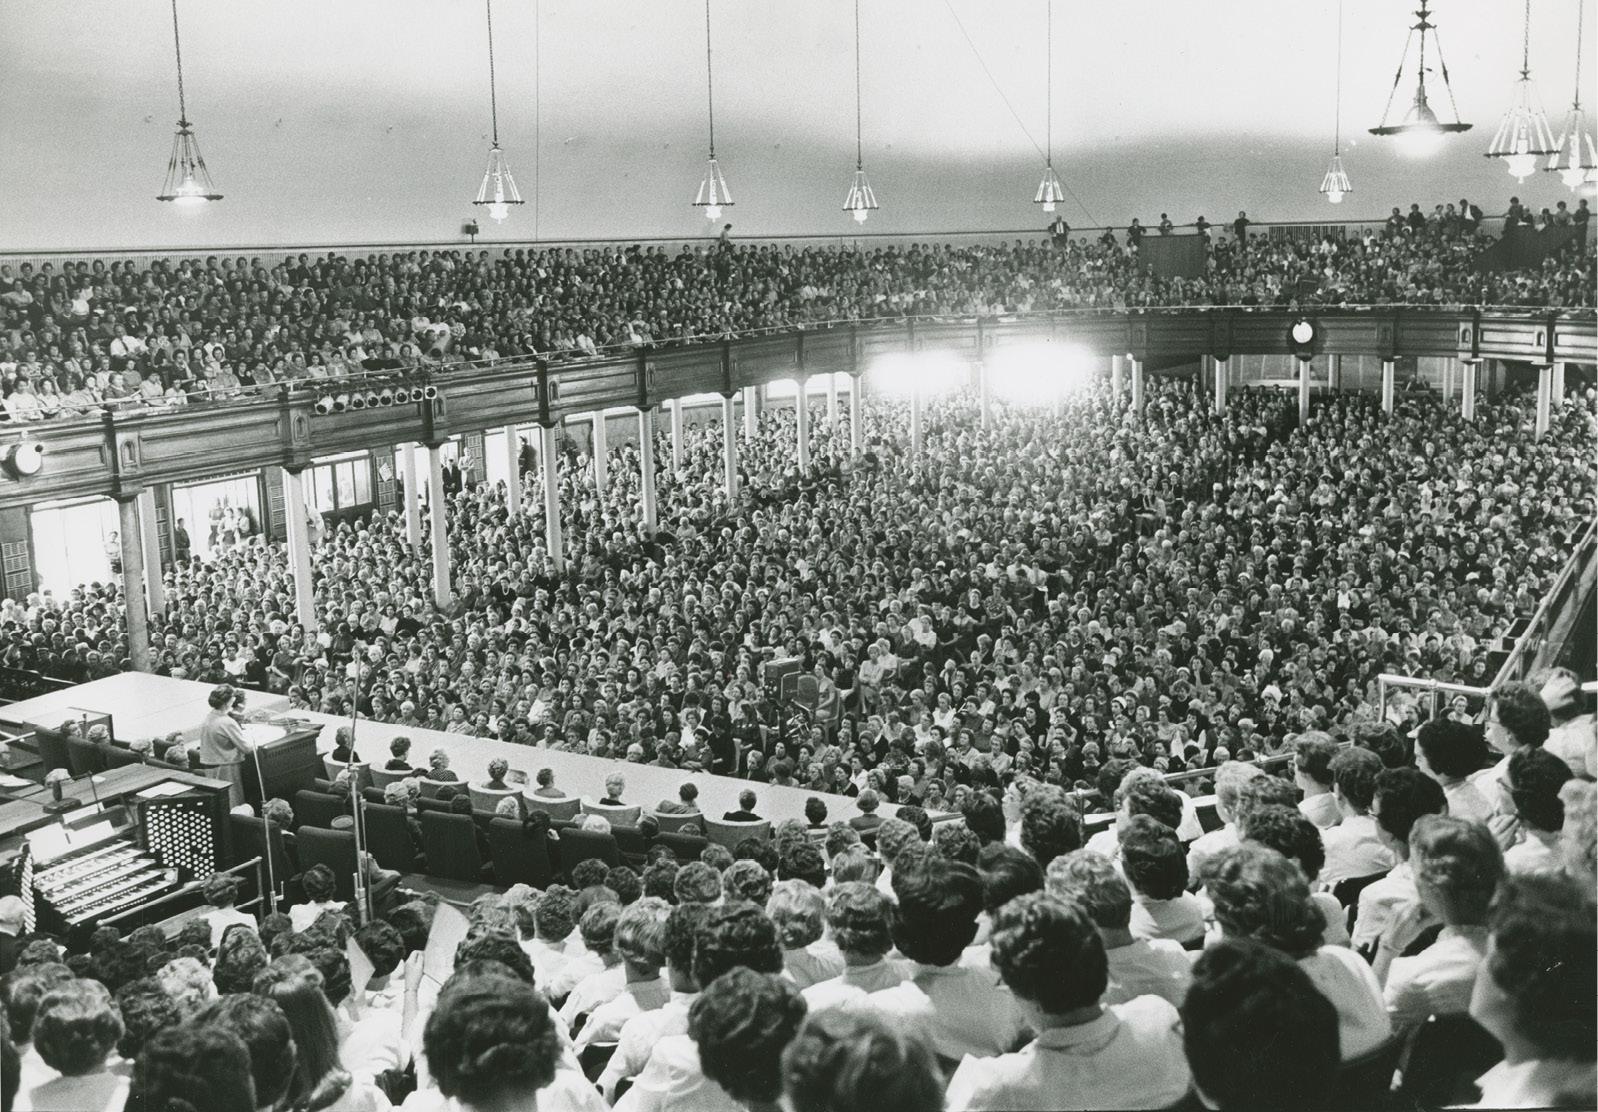 Conferencia general de la Sociedad de Socorro en 1962. La primera conferencia general de la Sociedad de Socorro se llevó a cabo en 1889. La fotografía del Tabernáculo de Salt Lake muestra una gran multitud en una de las sesiones de la conferencia de octubre de 1962, en la cual habló la hermana Louise W. Madsen. Fotografía por Ross Welser.